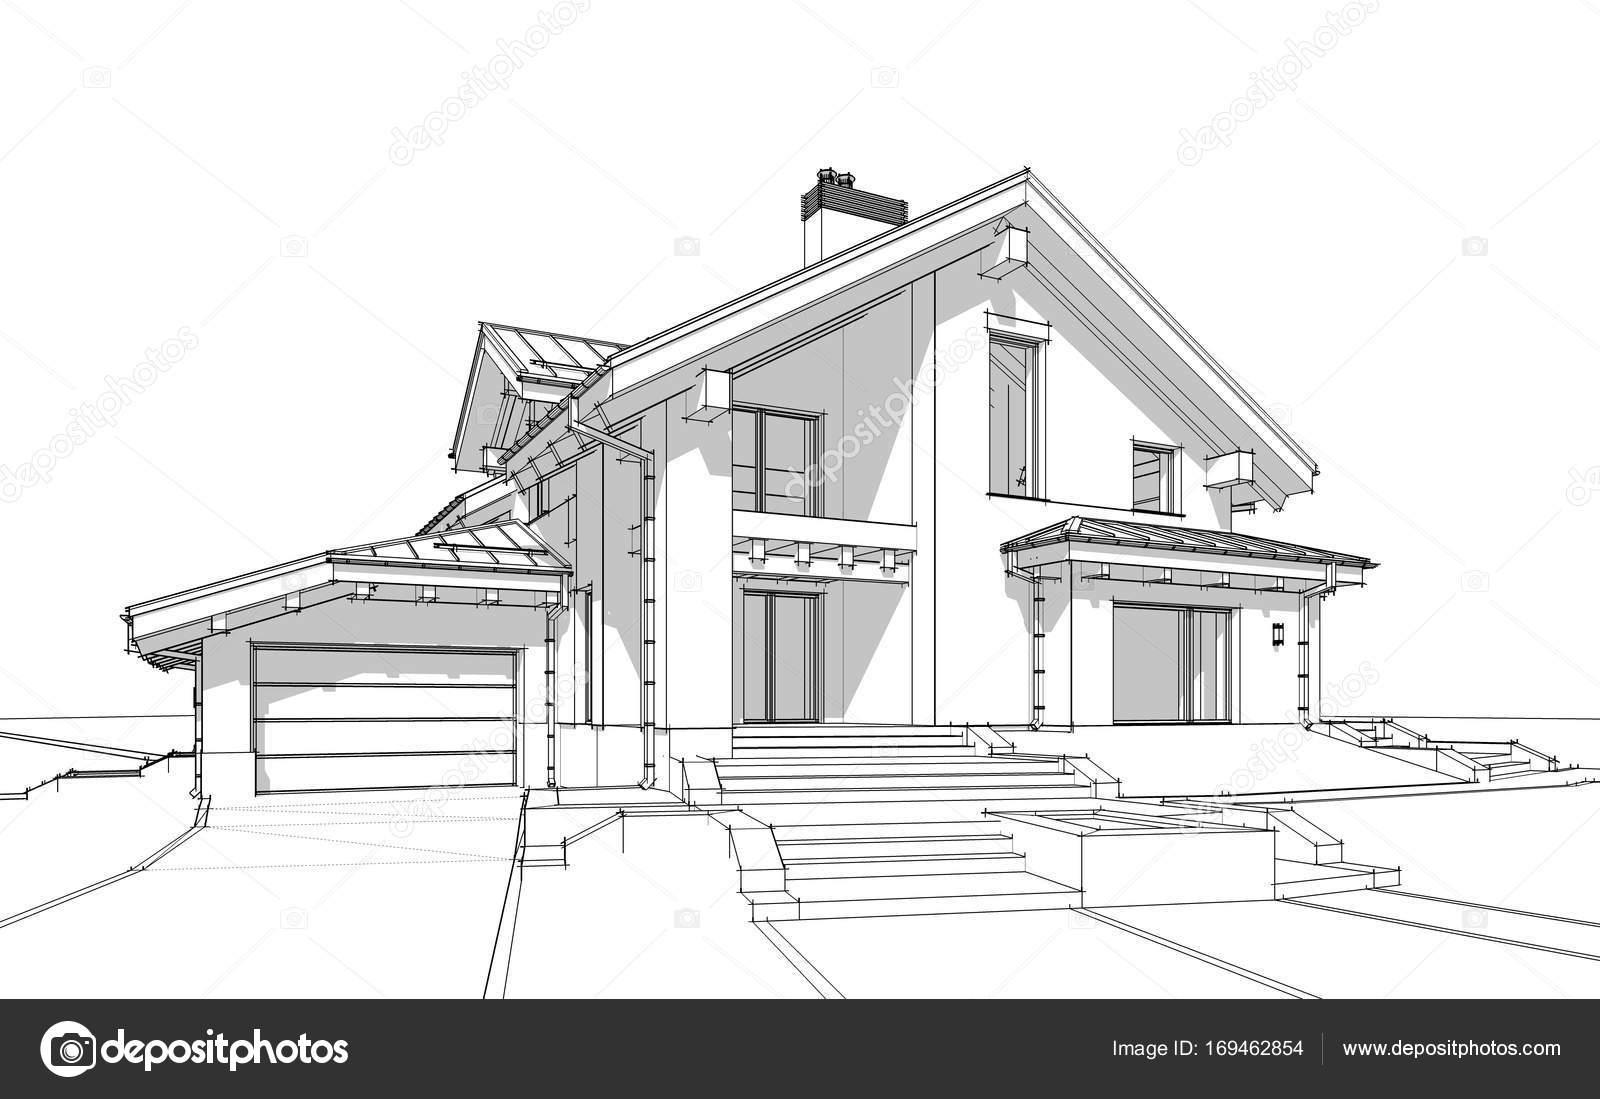 Dibujos Casas Modernas A Lapiz 3d Render Sketch De Moderna